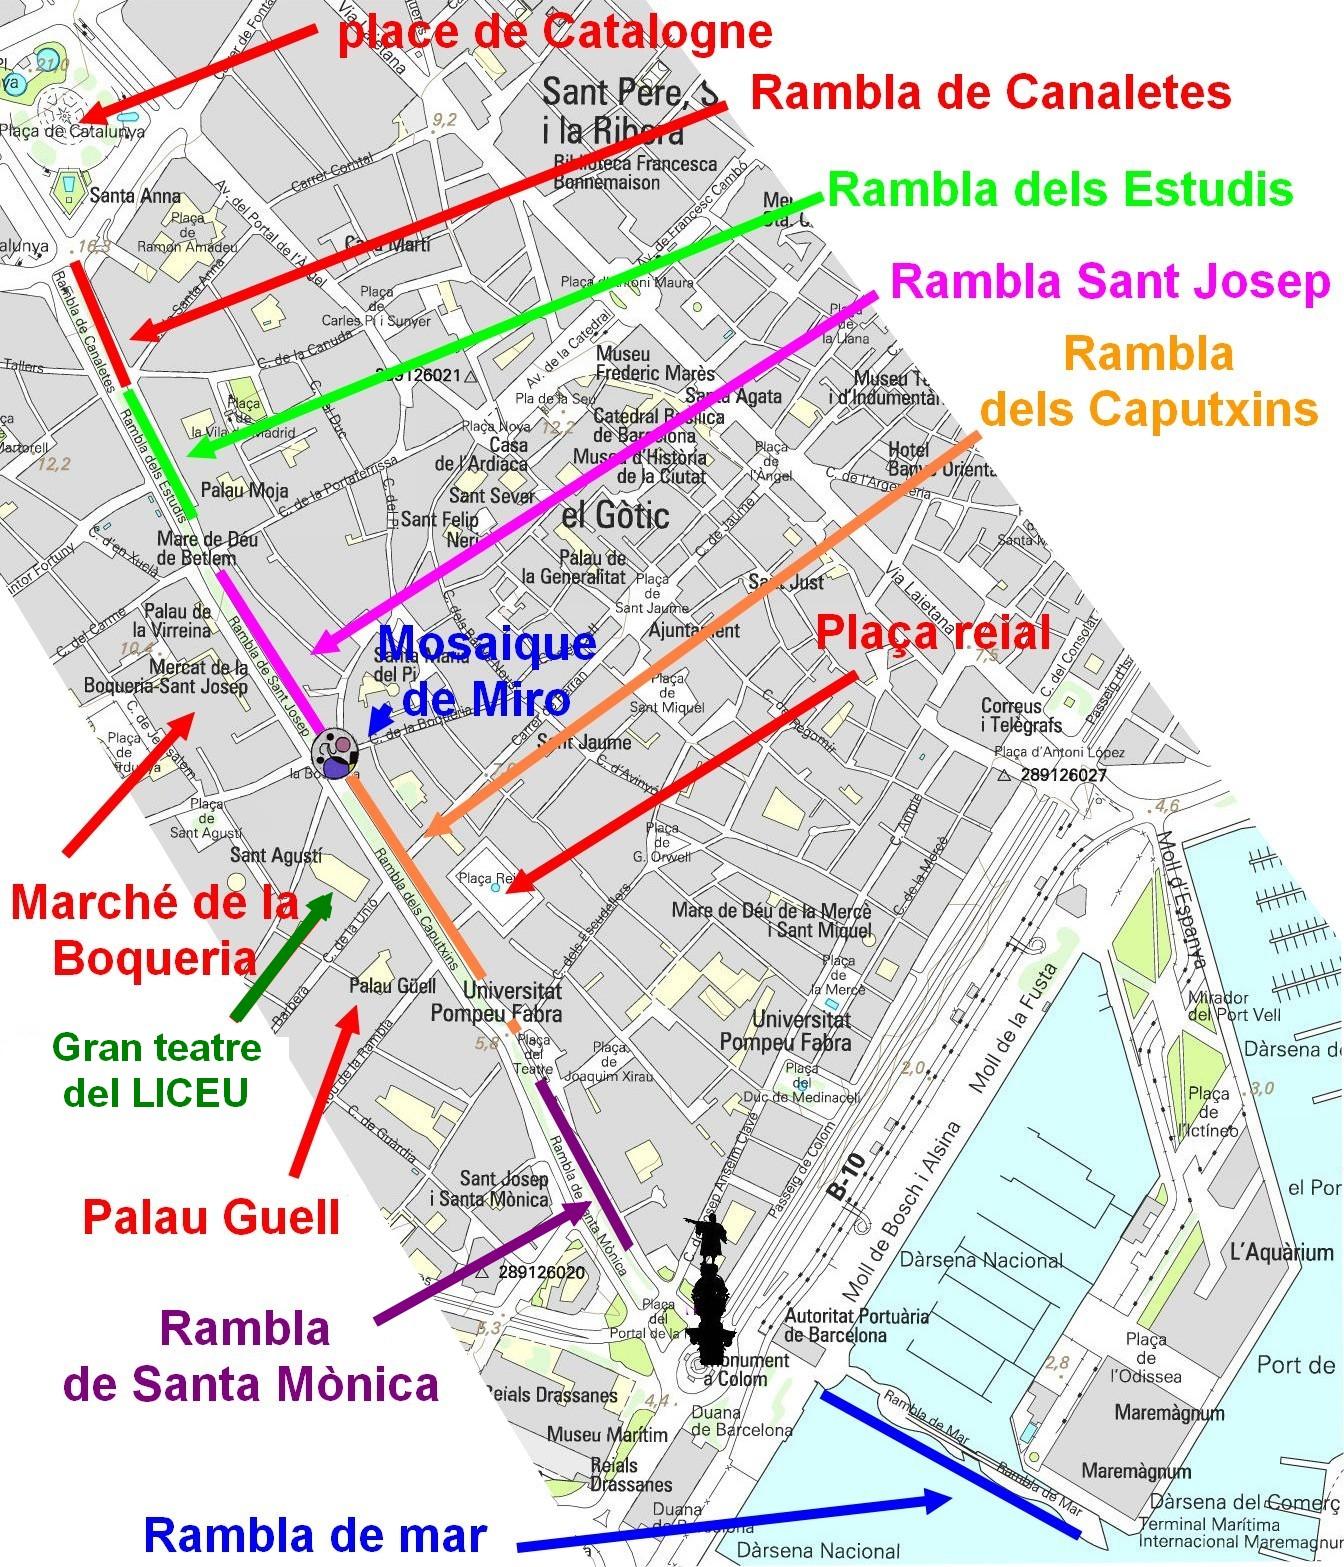 Carte Barcelone Las Ramblas.La Rambla De Barcelone